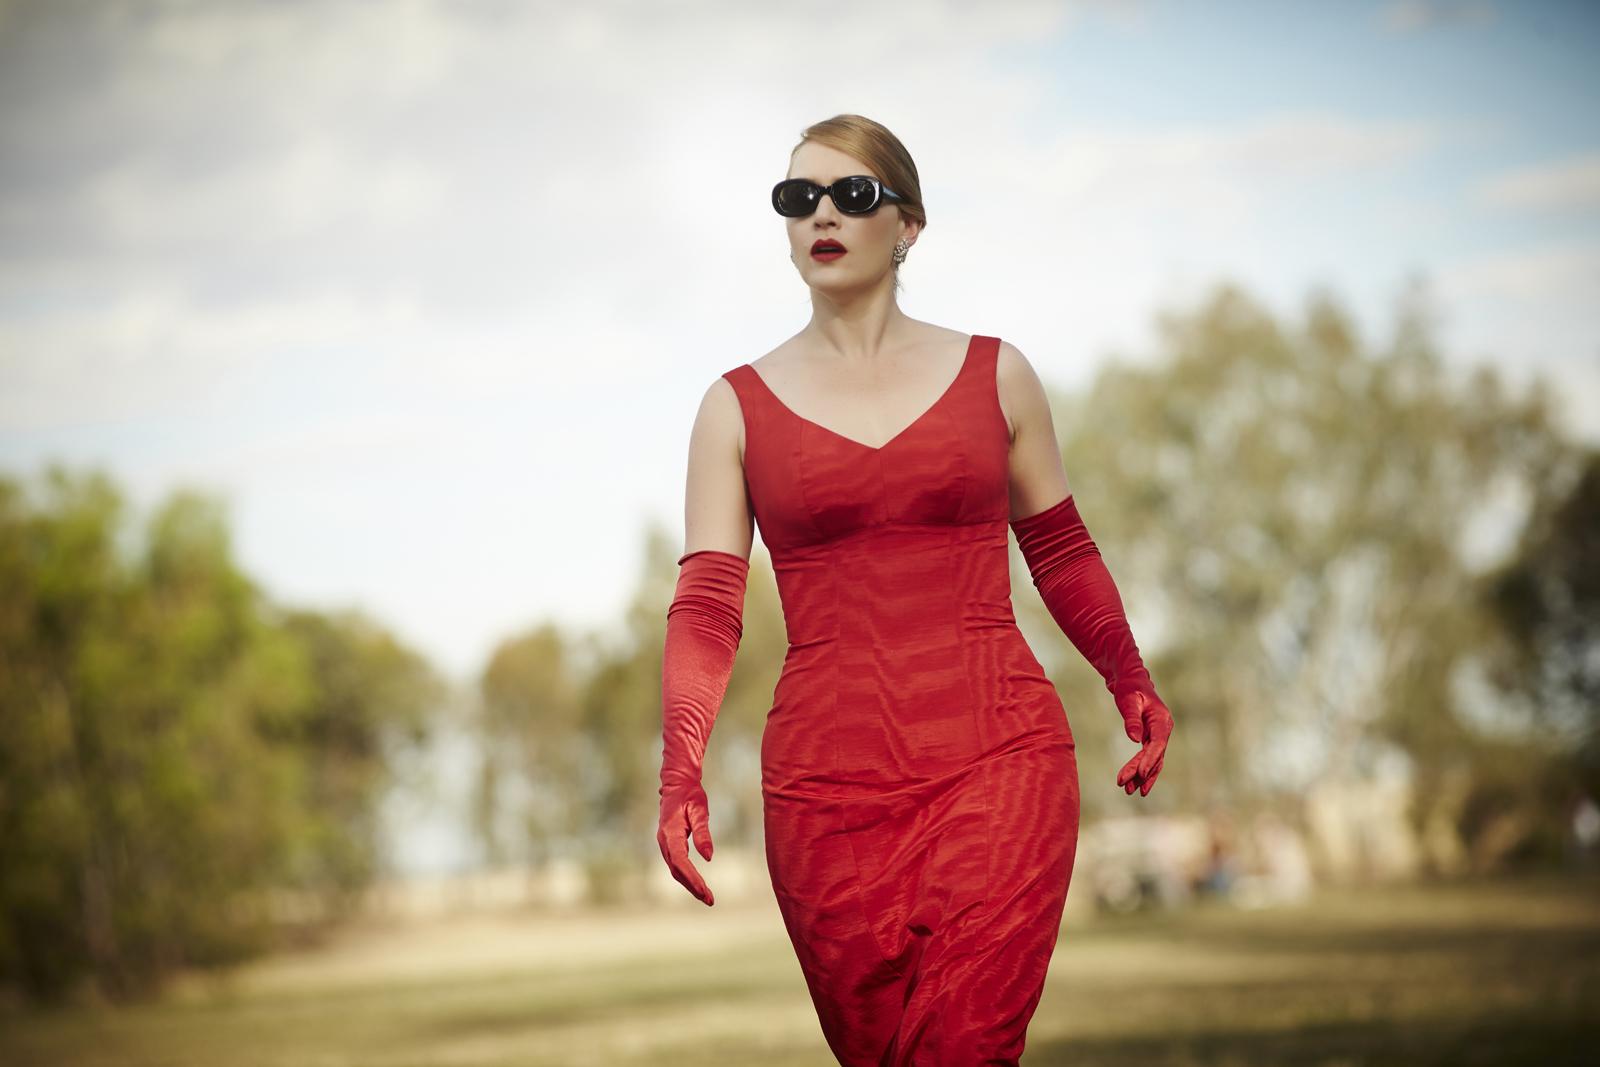 Платья для полного счастья: Пять моделей, которые должны быть в базовом гардеробе